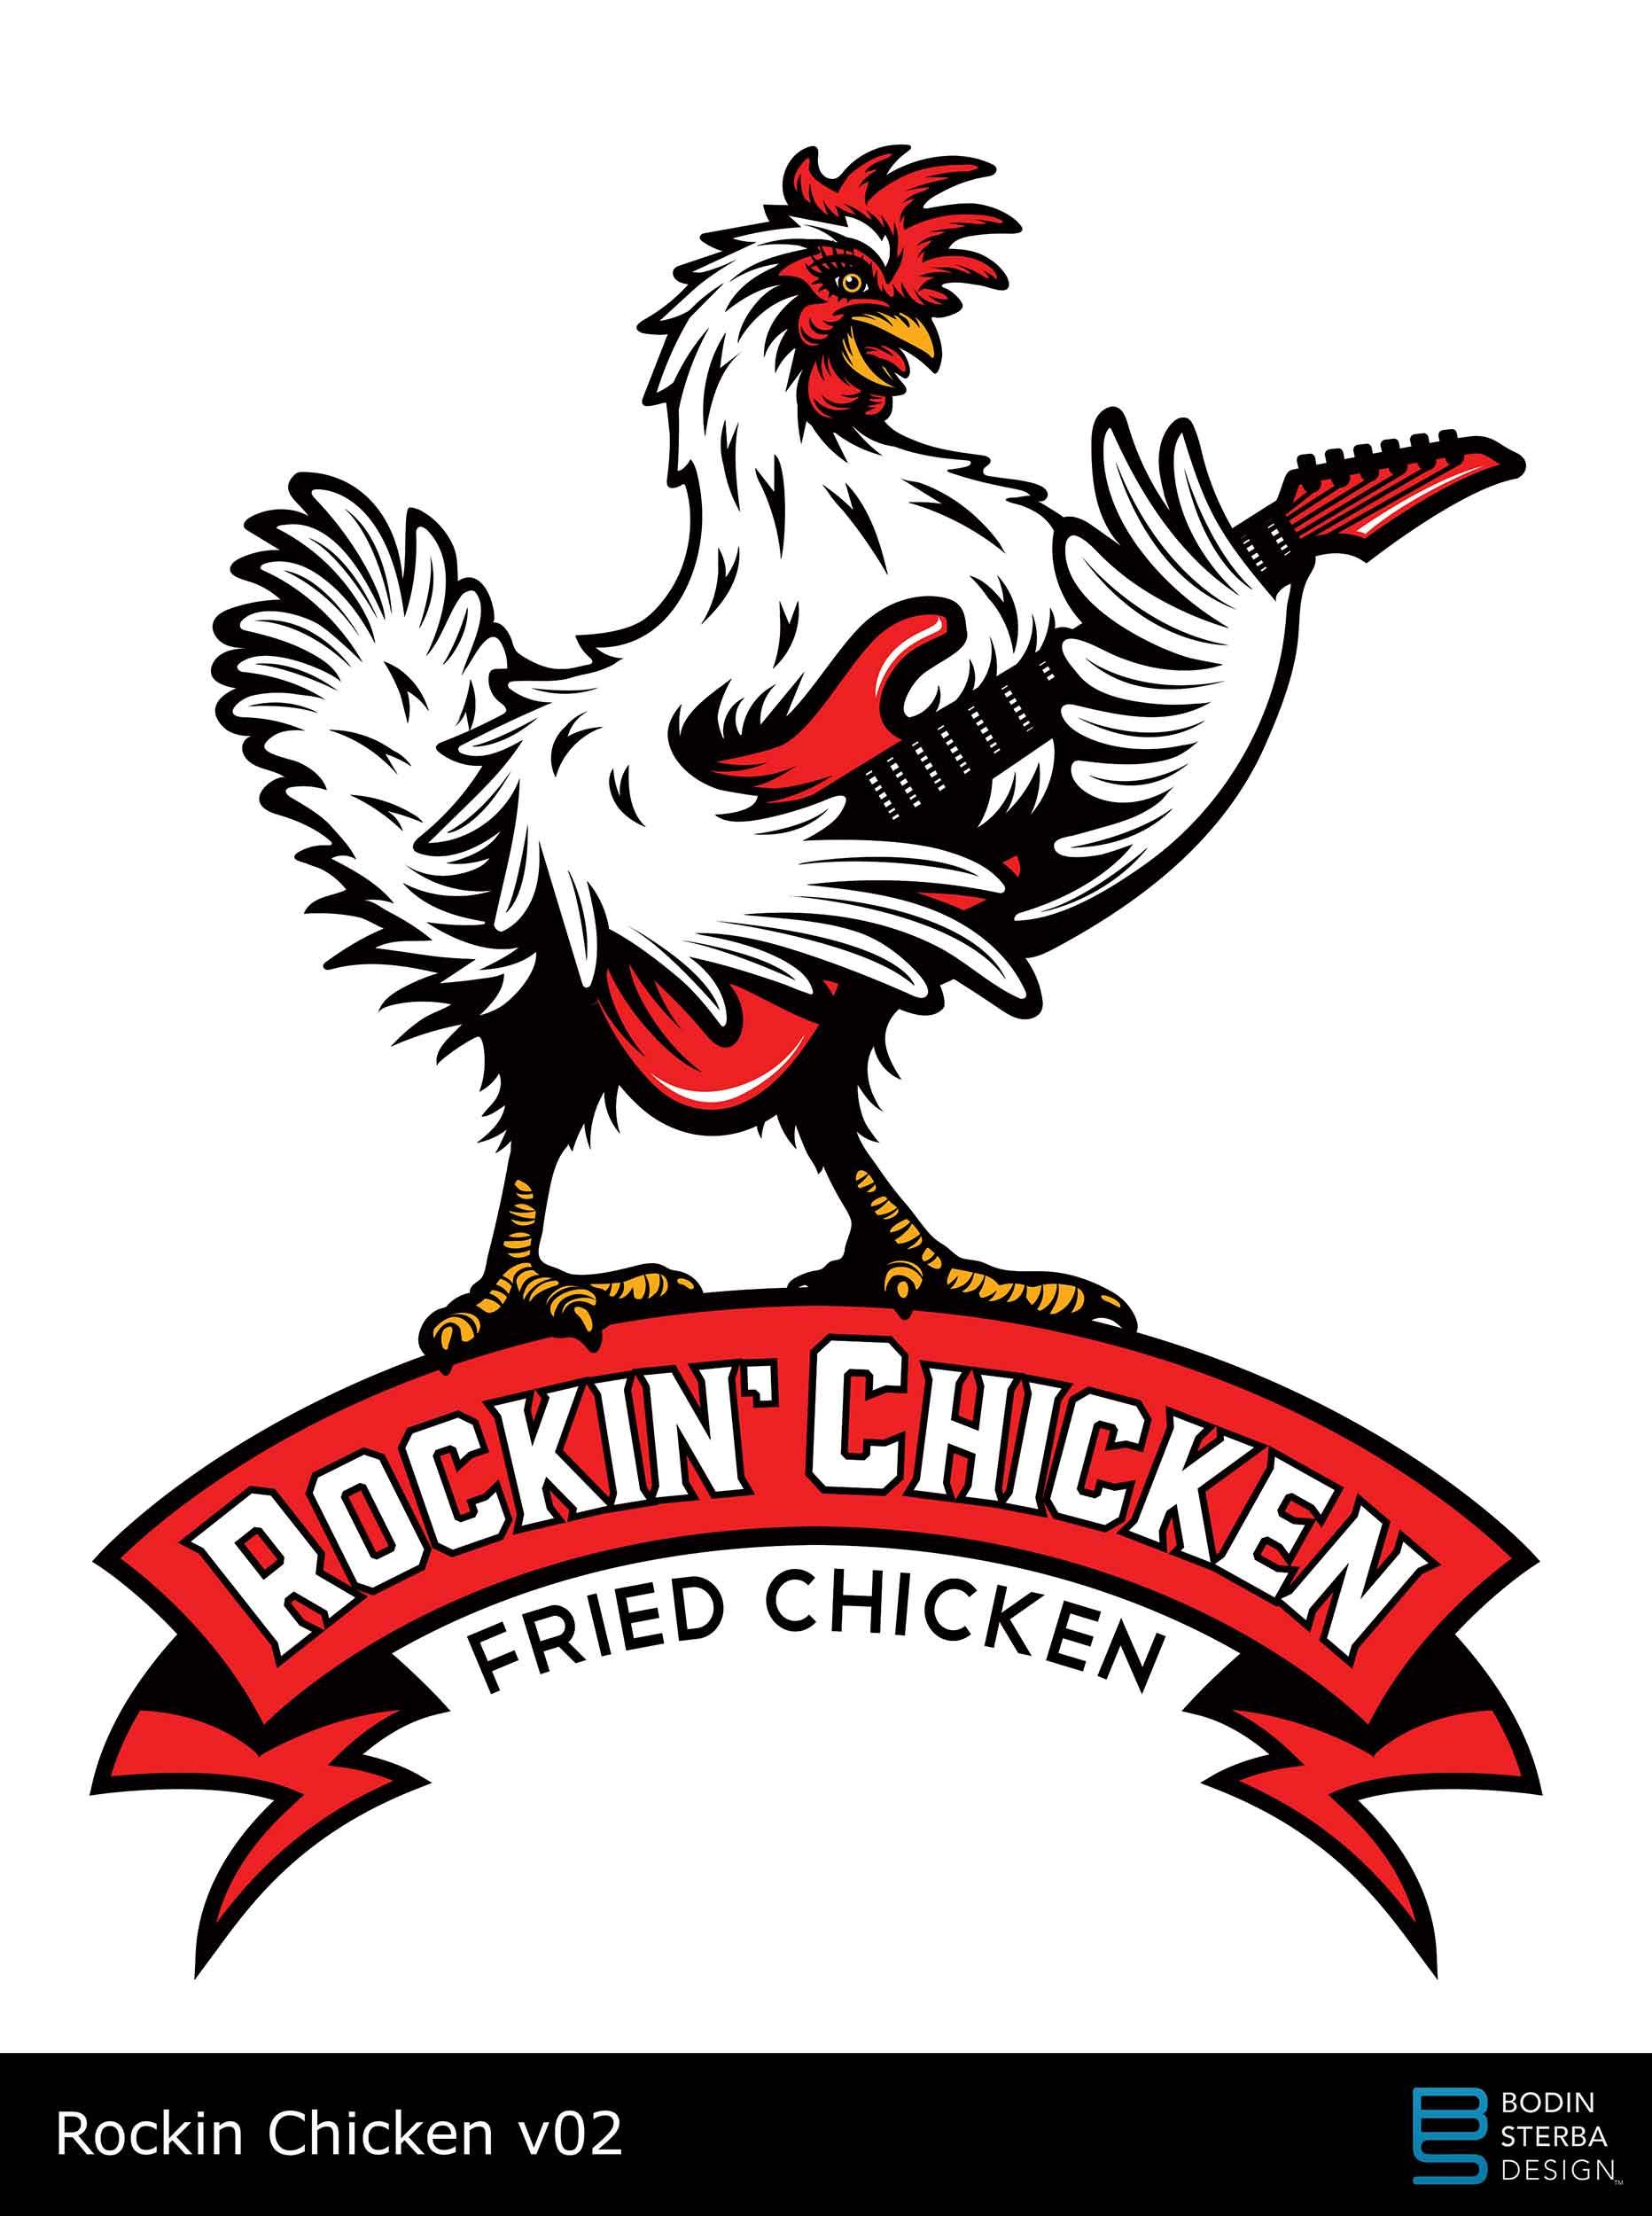 Rockin' Chicken logo v02 pitch